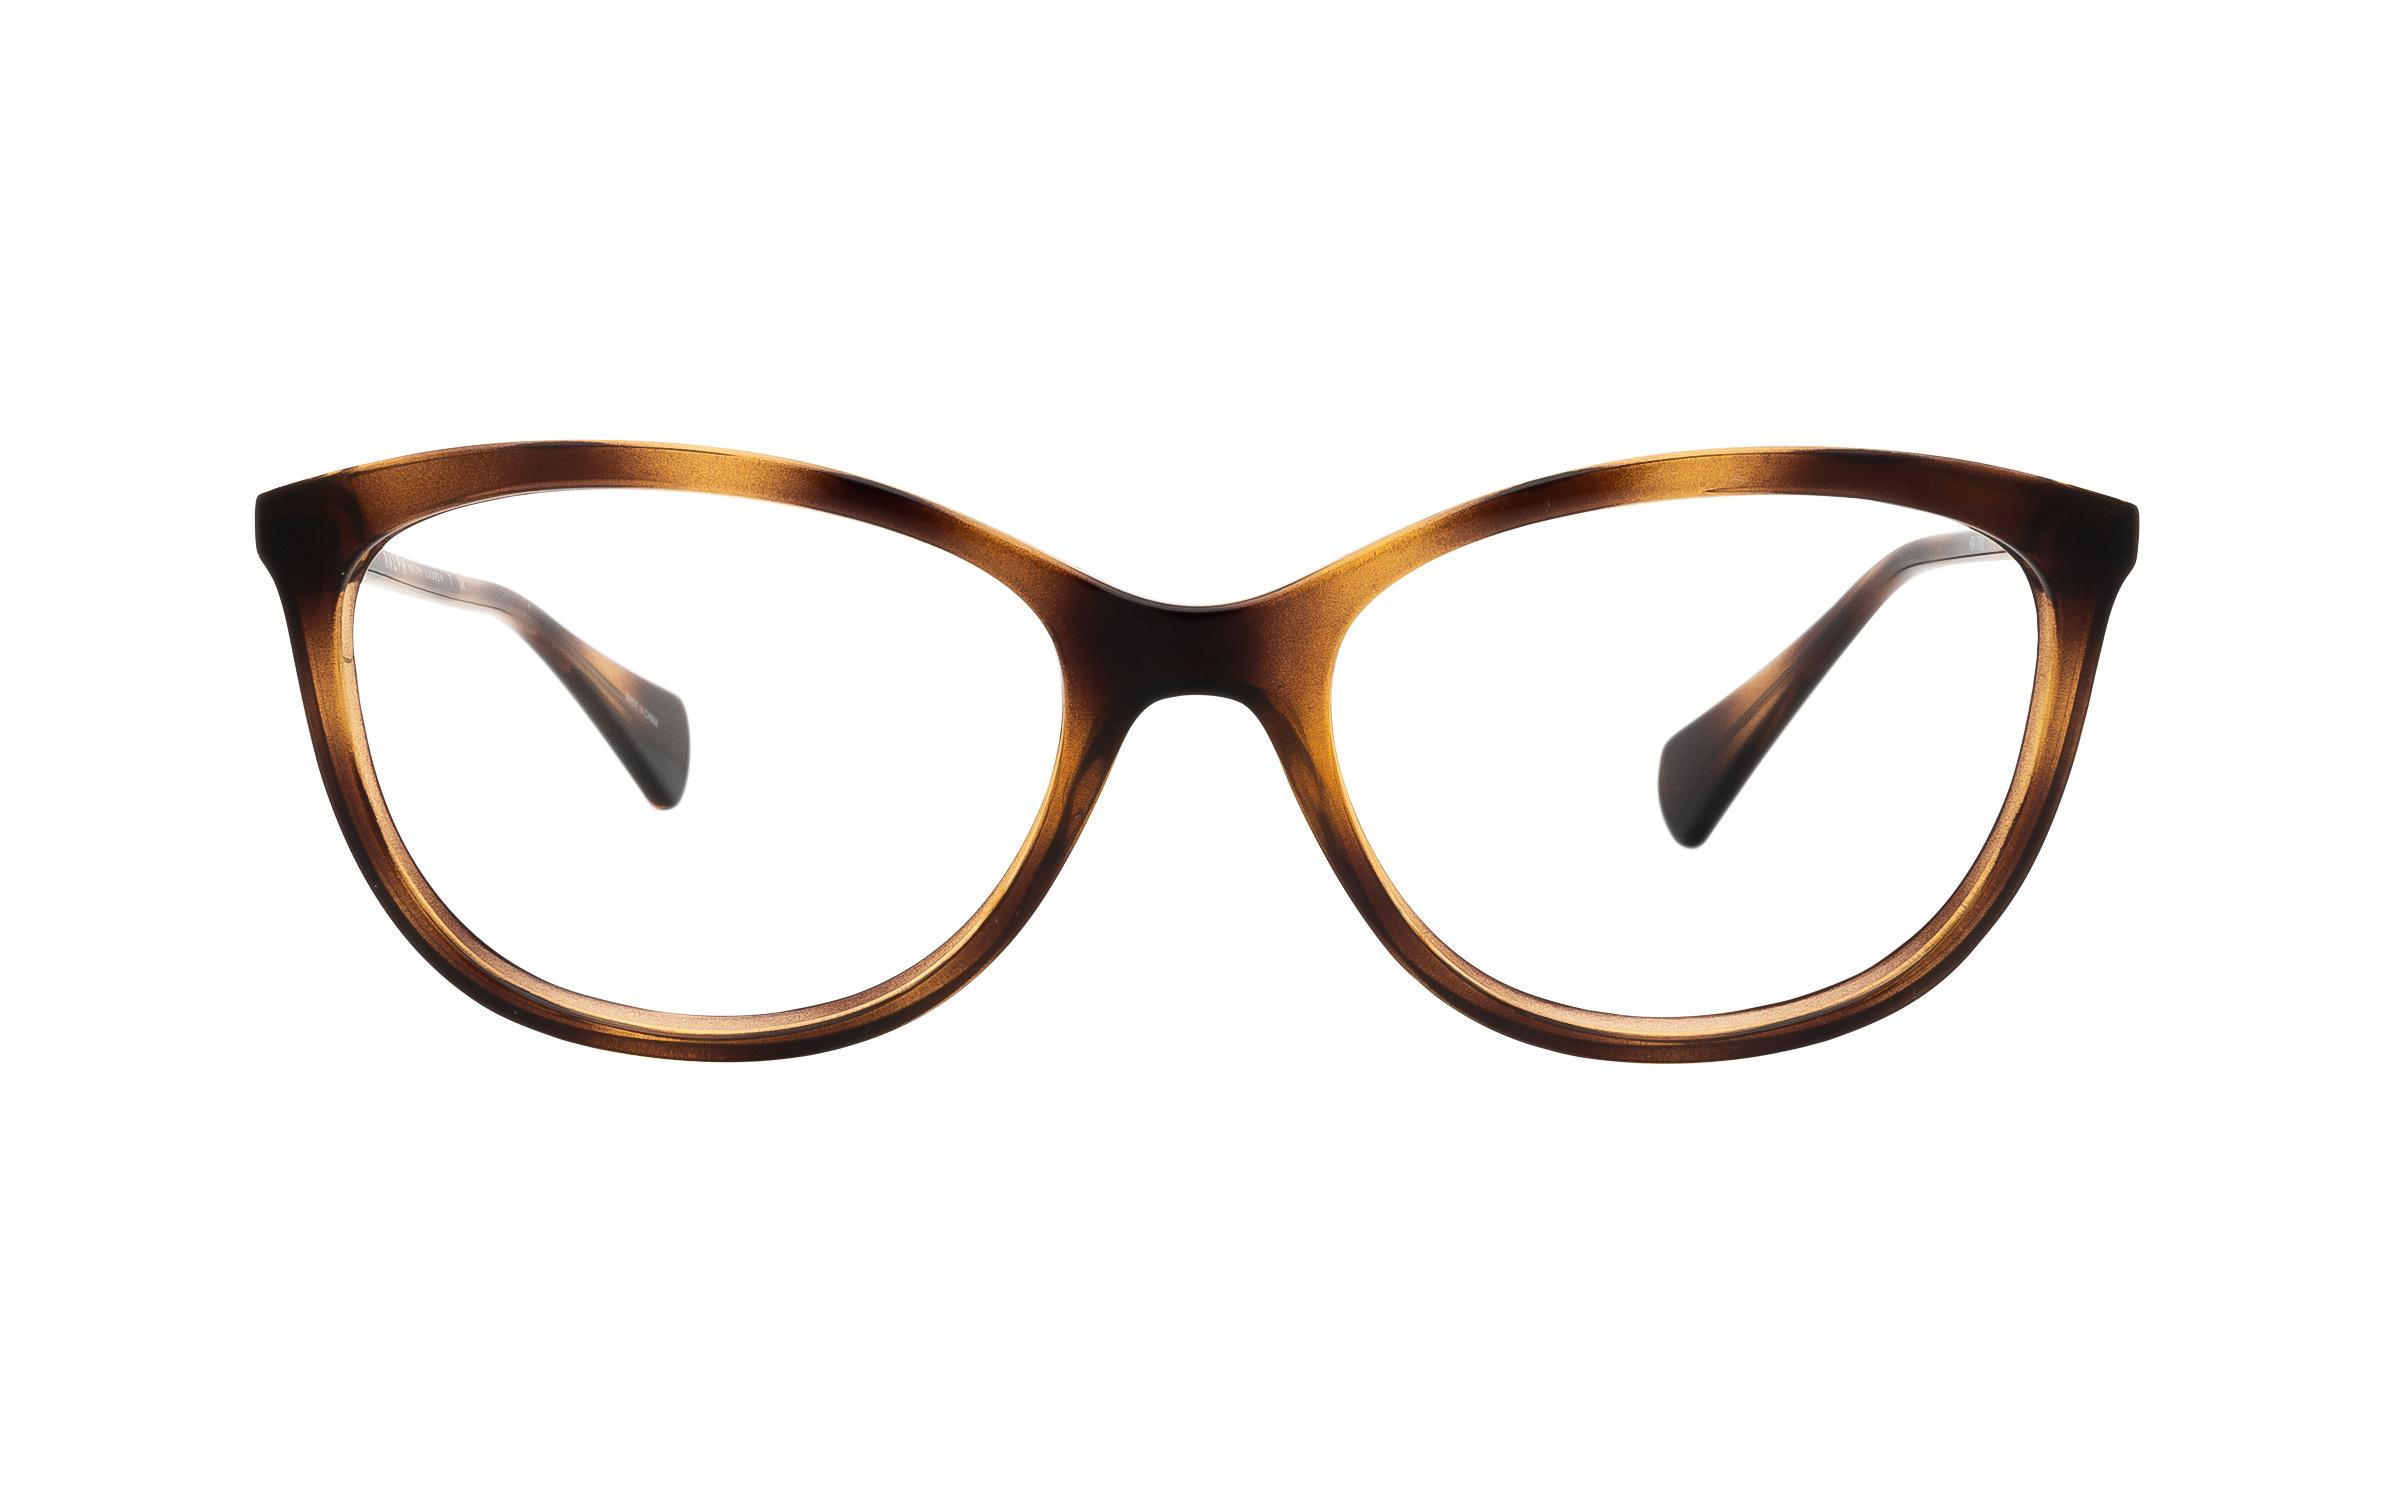 Ralph by Ralph Lauren RA7086 1378 (52) Eyeglasses and Frame in Dark Havana Tortoise/Brown | Acetate/Metal - Online Coastal